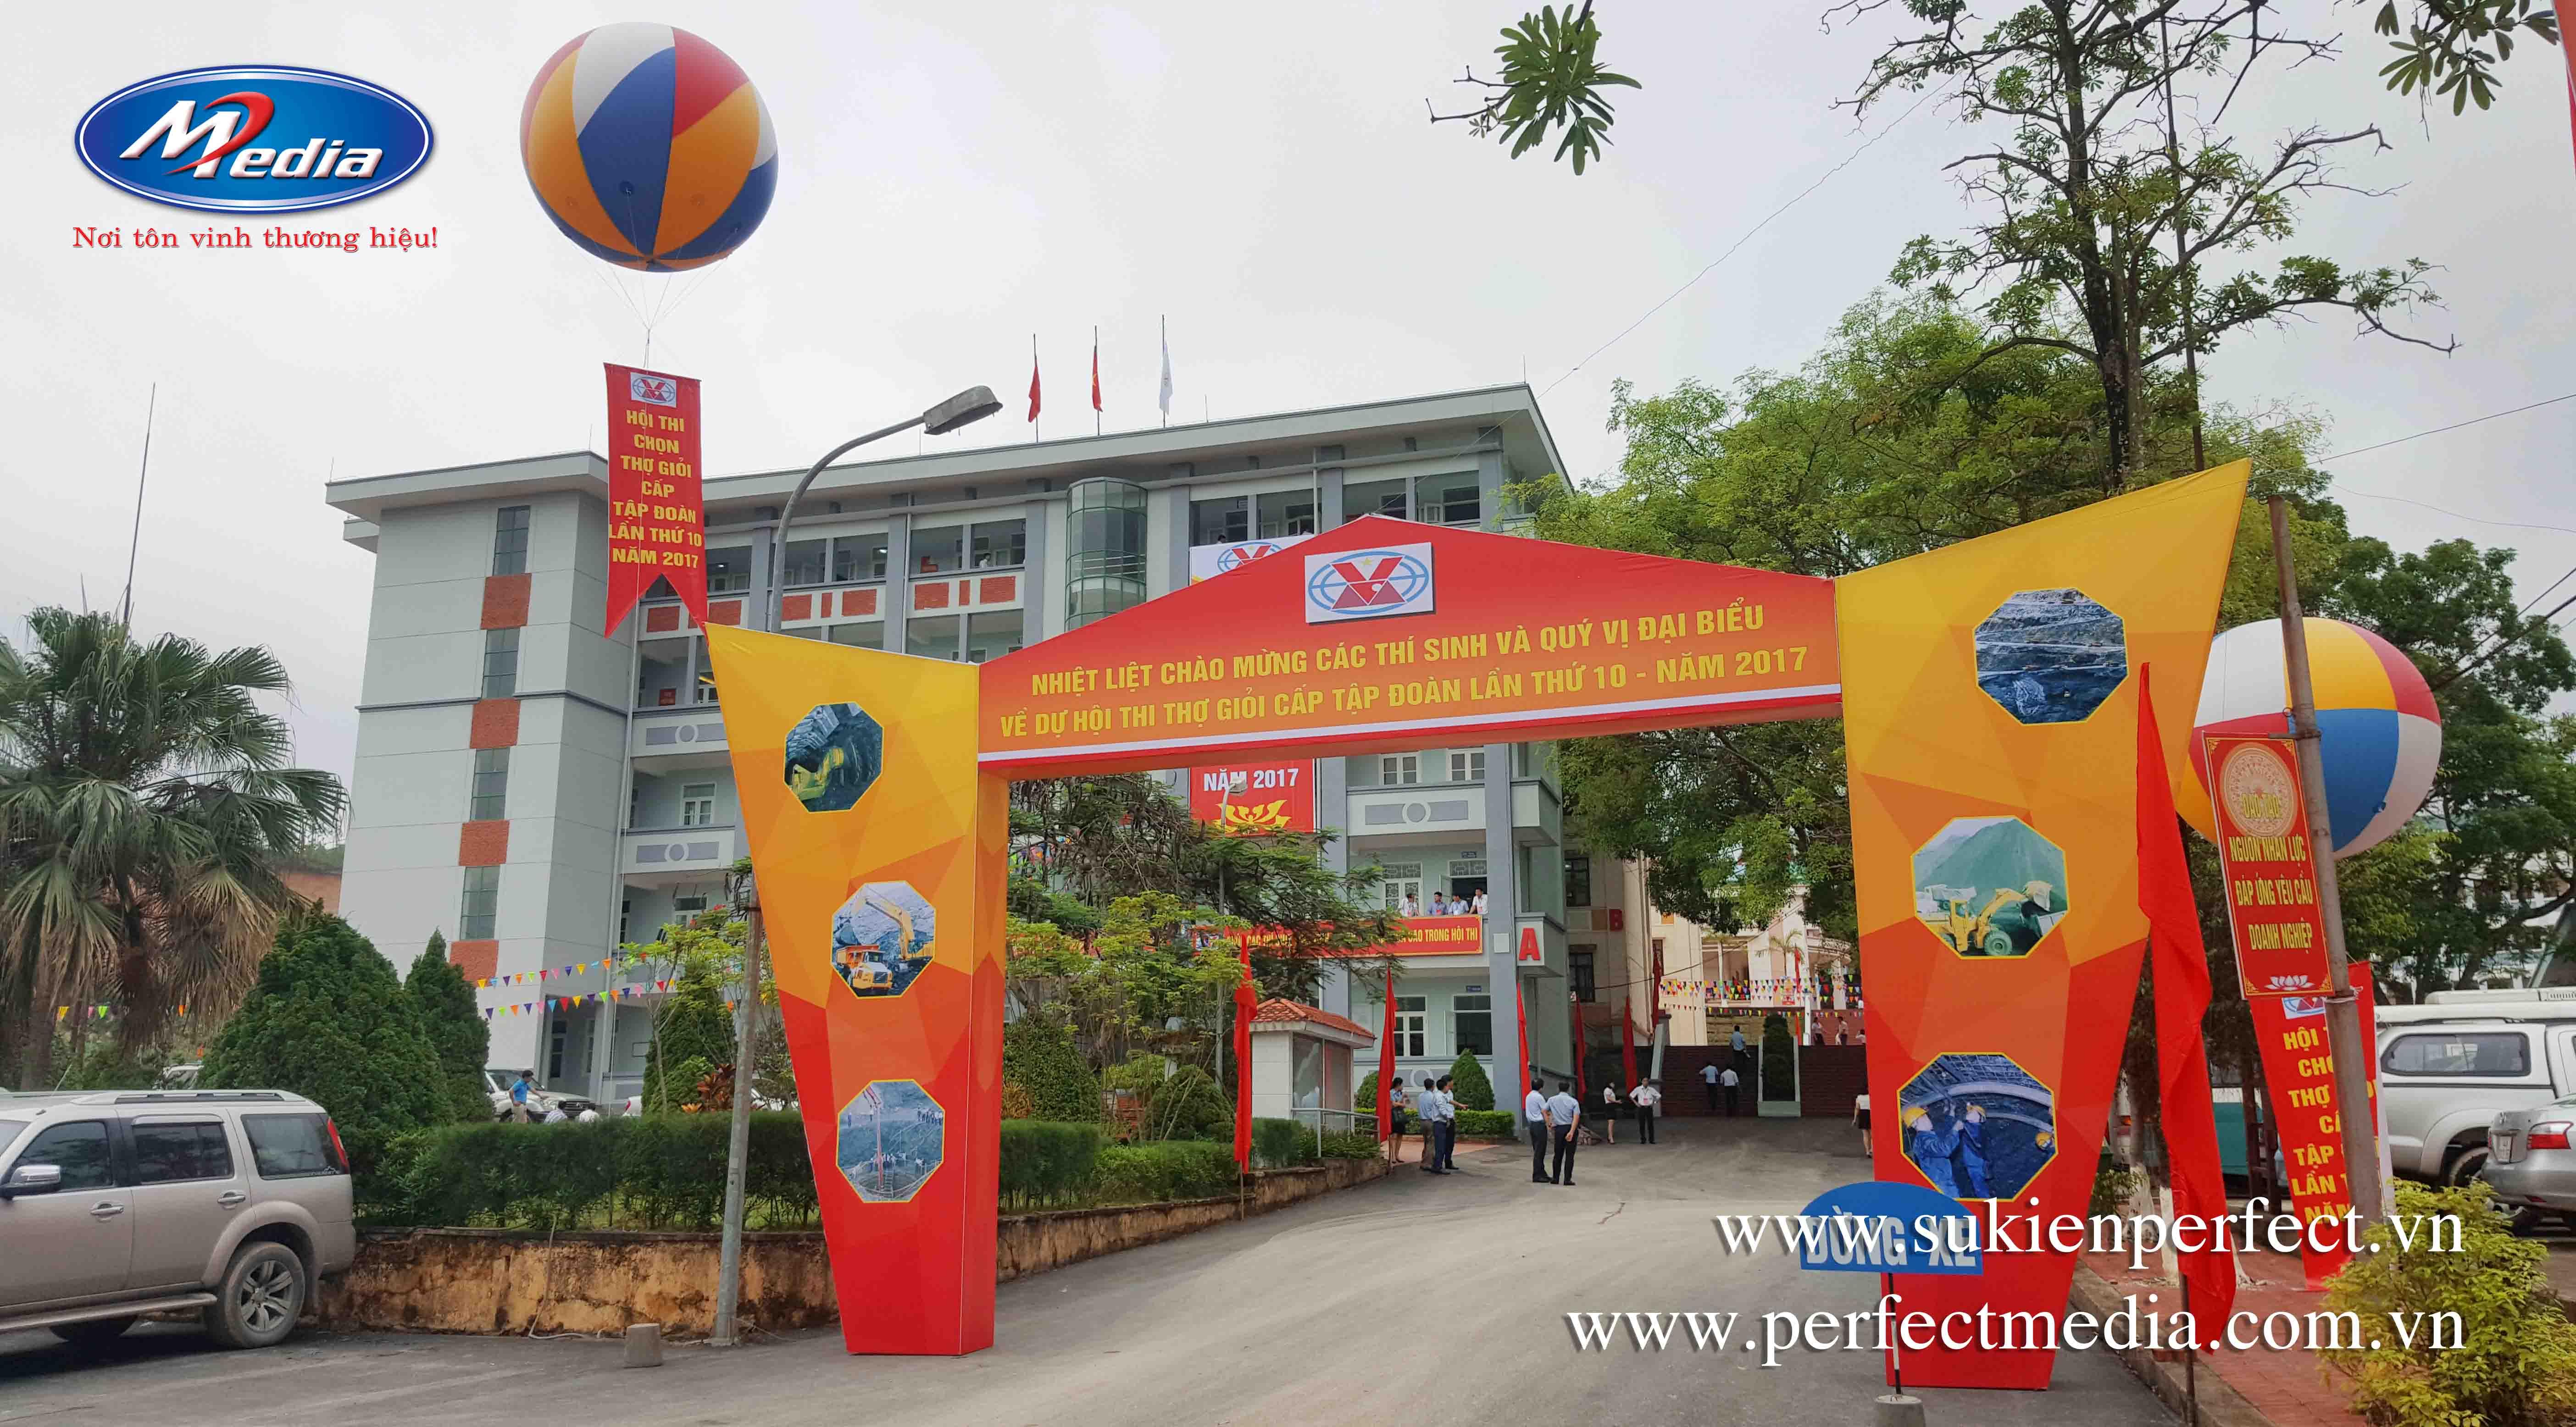 công ty tổ chức sự kiện Hạ Long Quảng Ninh Perfect Media 7